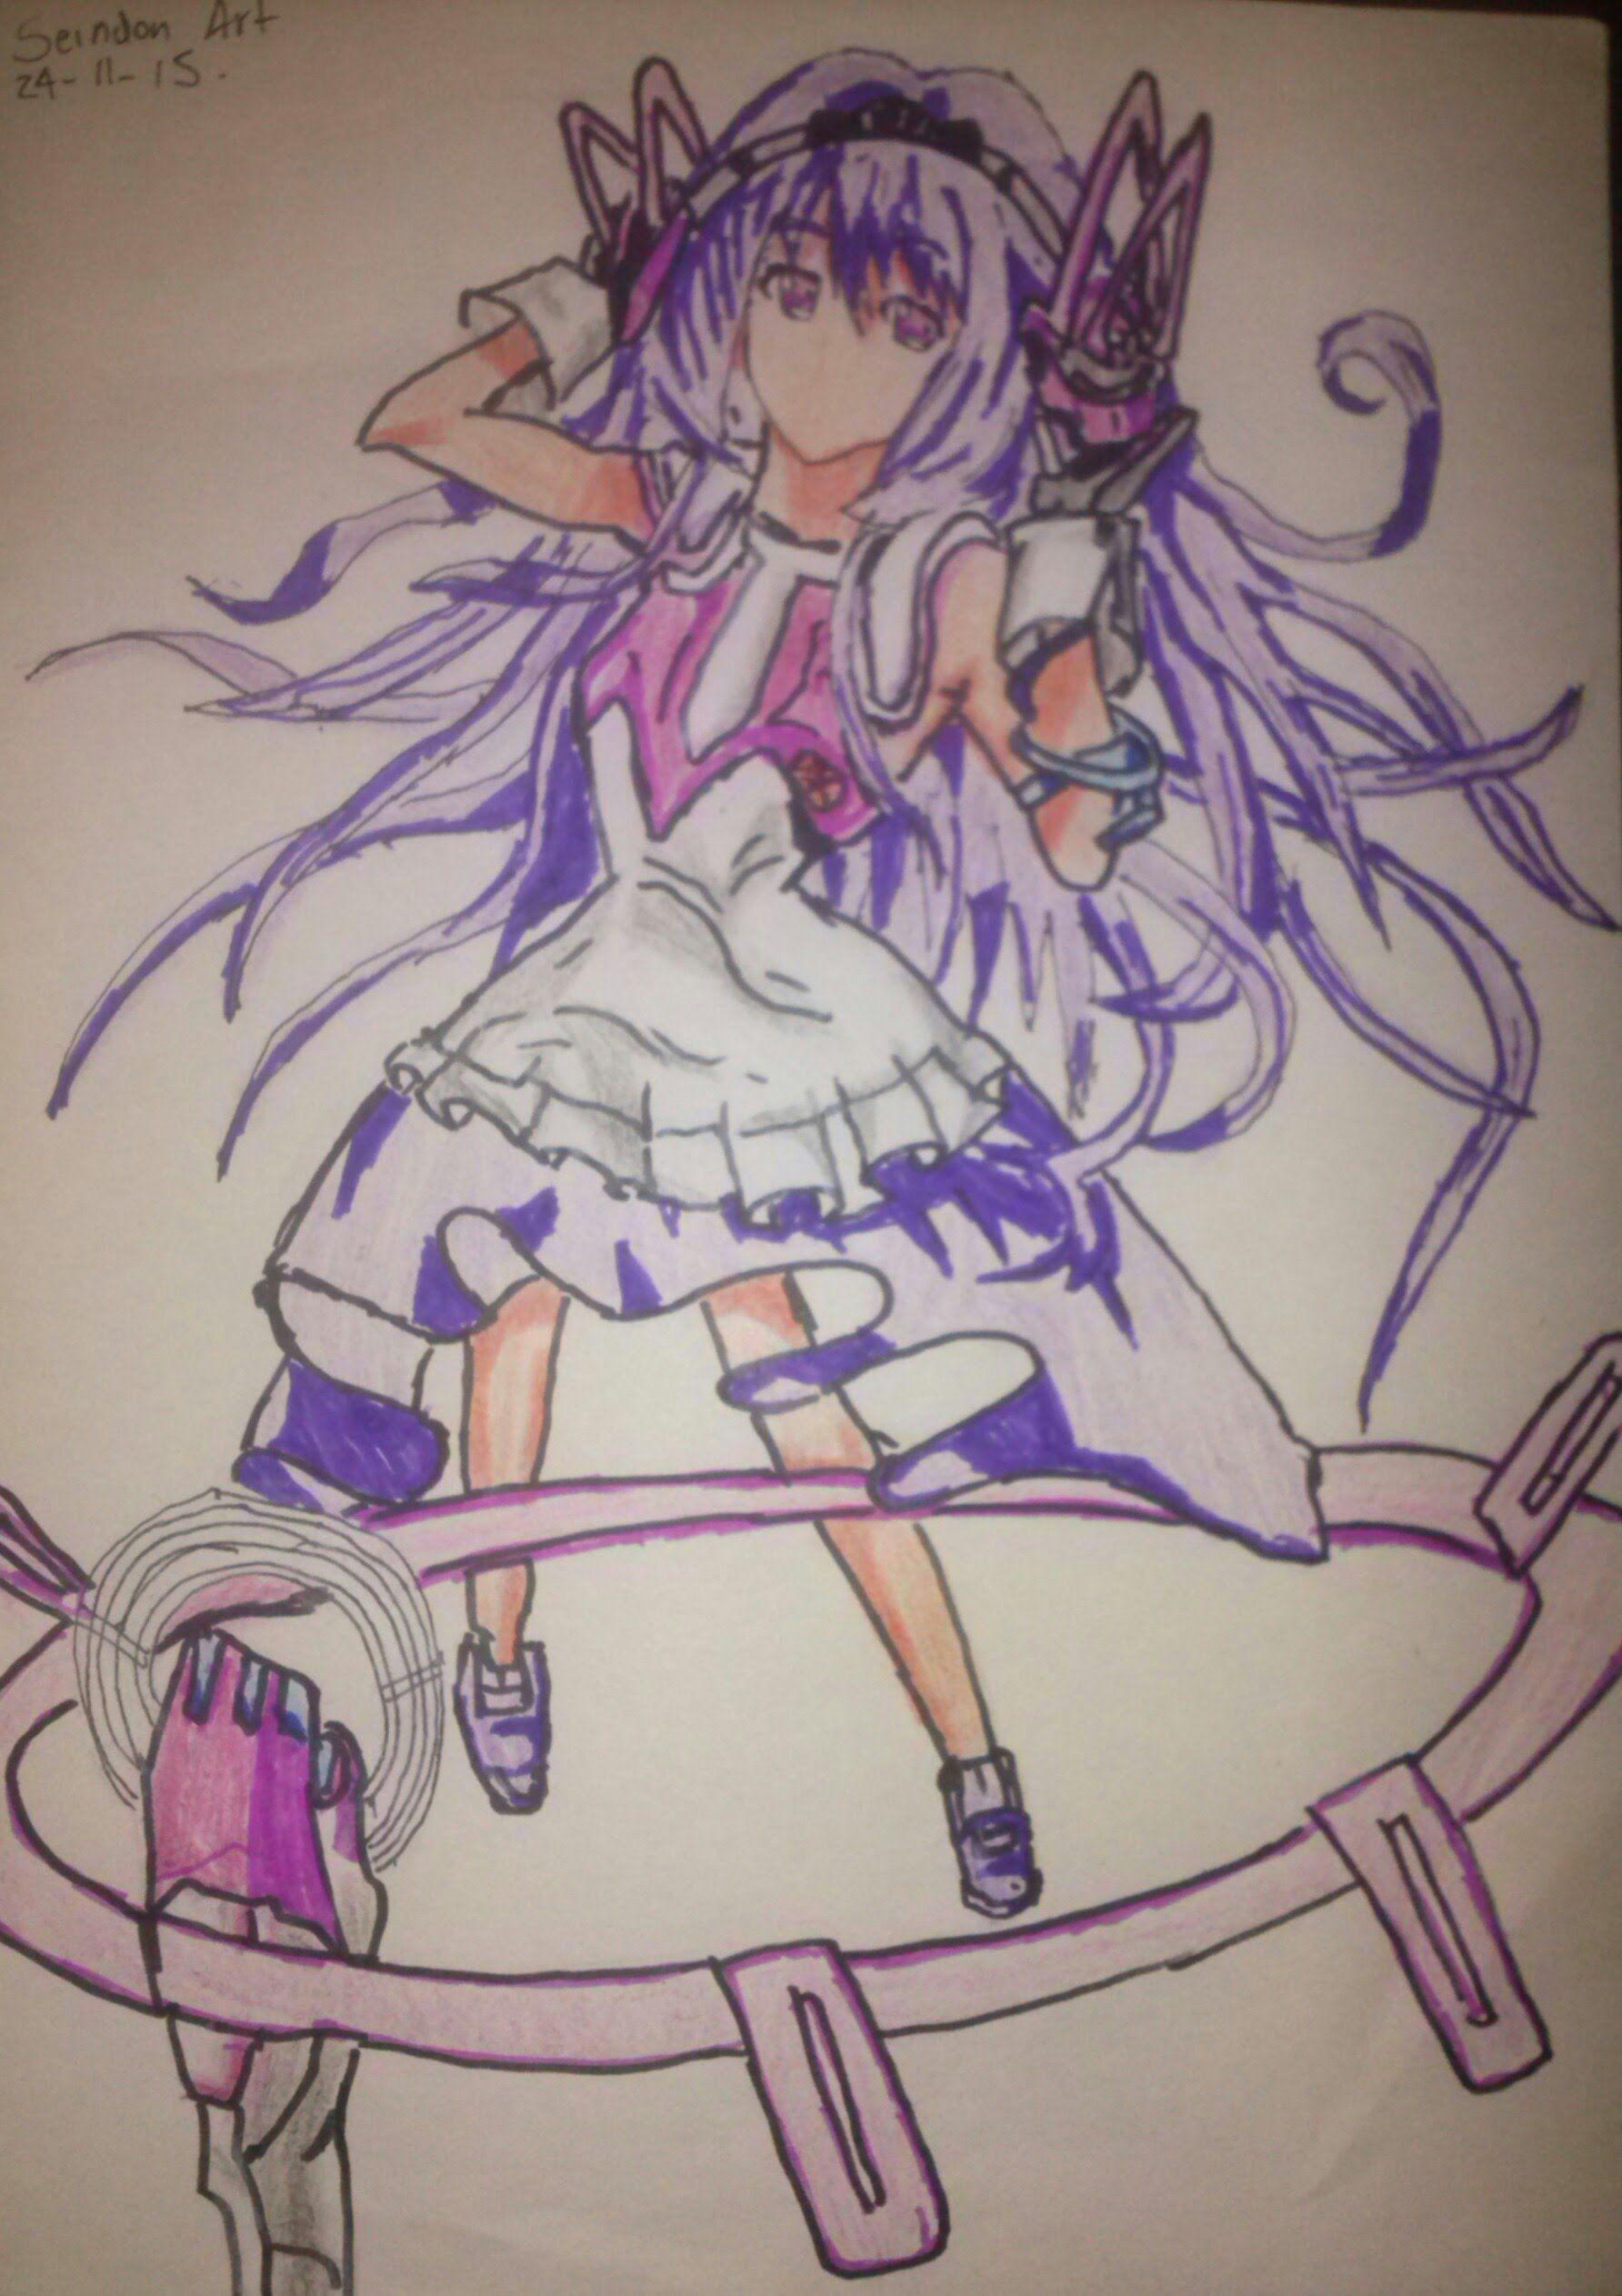 Dibujando A SylviaGakusen Toshi Asterisk / A Drawing